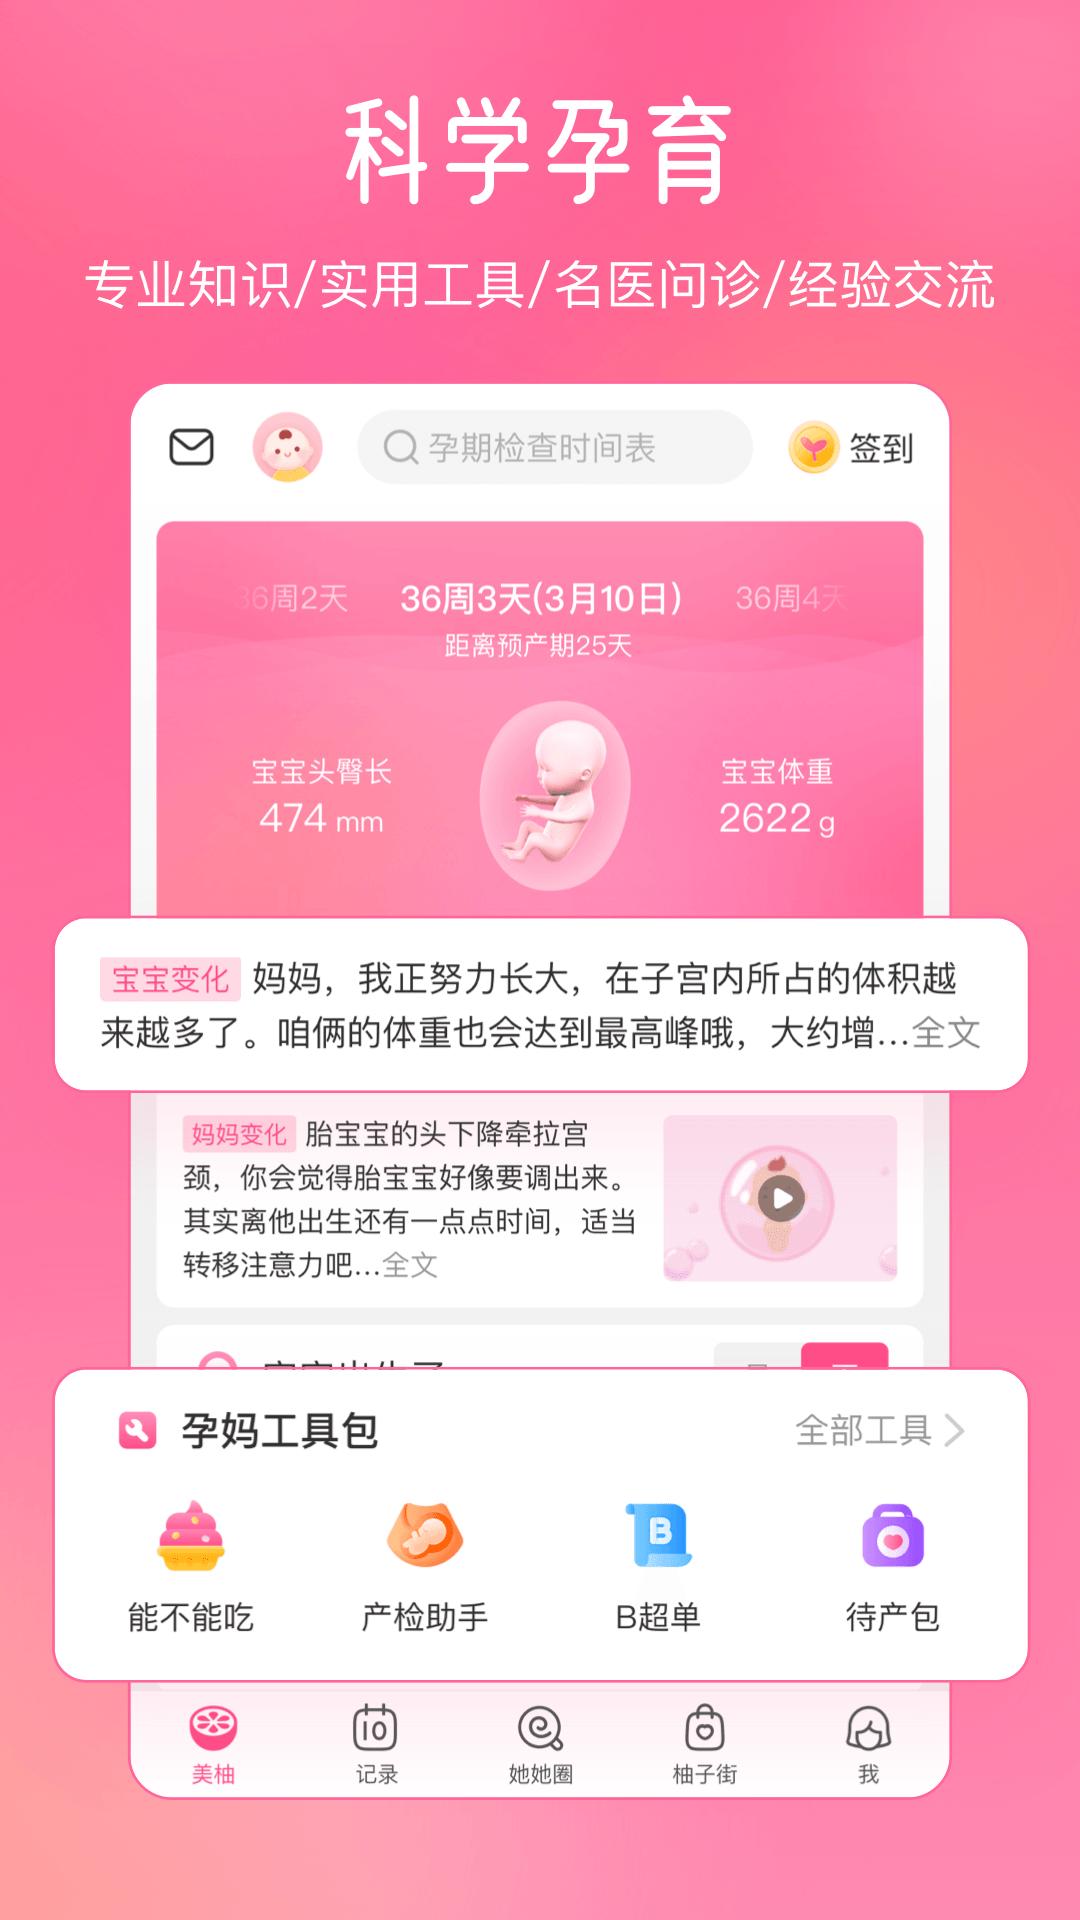 美柚-大姨妈月经期助手v8.0.9 安卓版